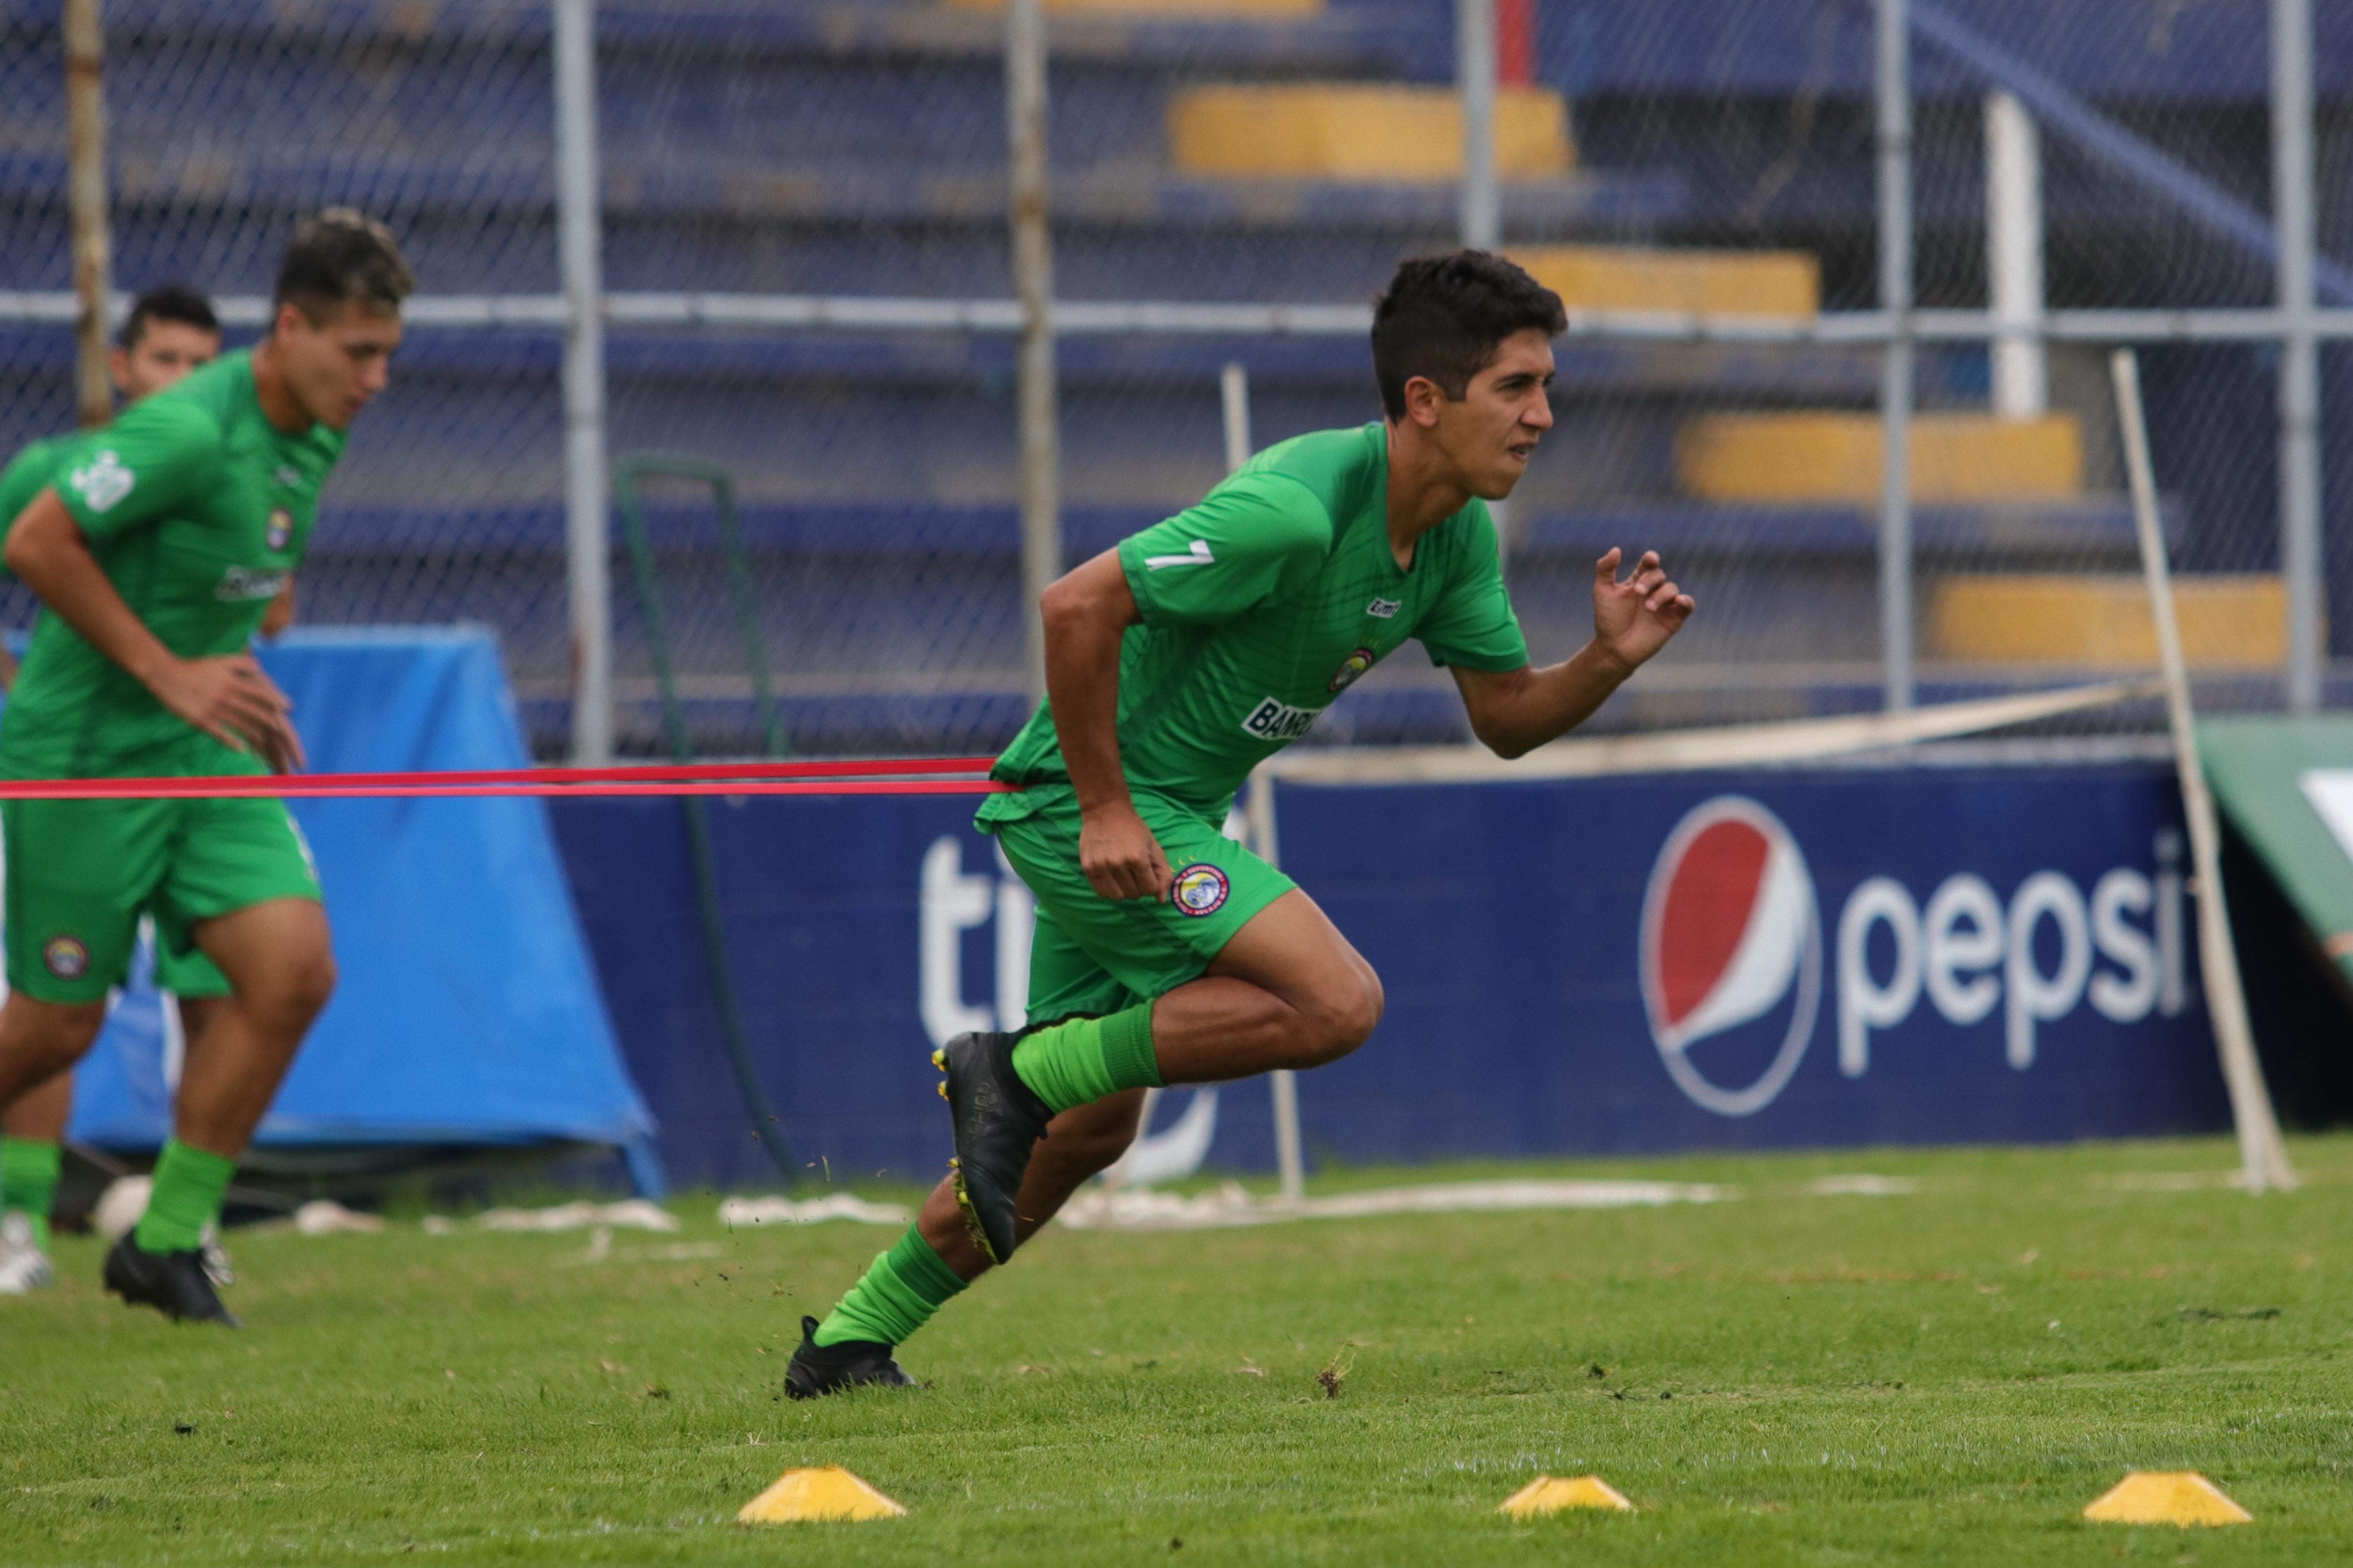 Édgar Macal buscará darle movilidad al medio campo de Xelajú luego de perderse la primera jornada por estar suspendido. (Foto Prensa Libre: Raúl Juárez)